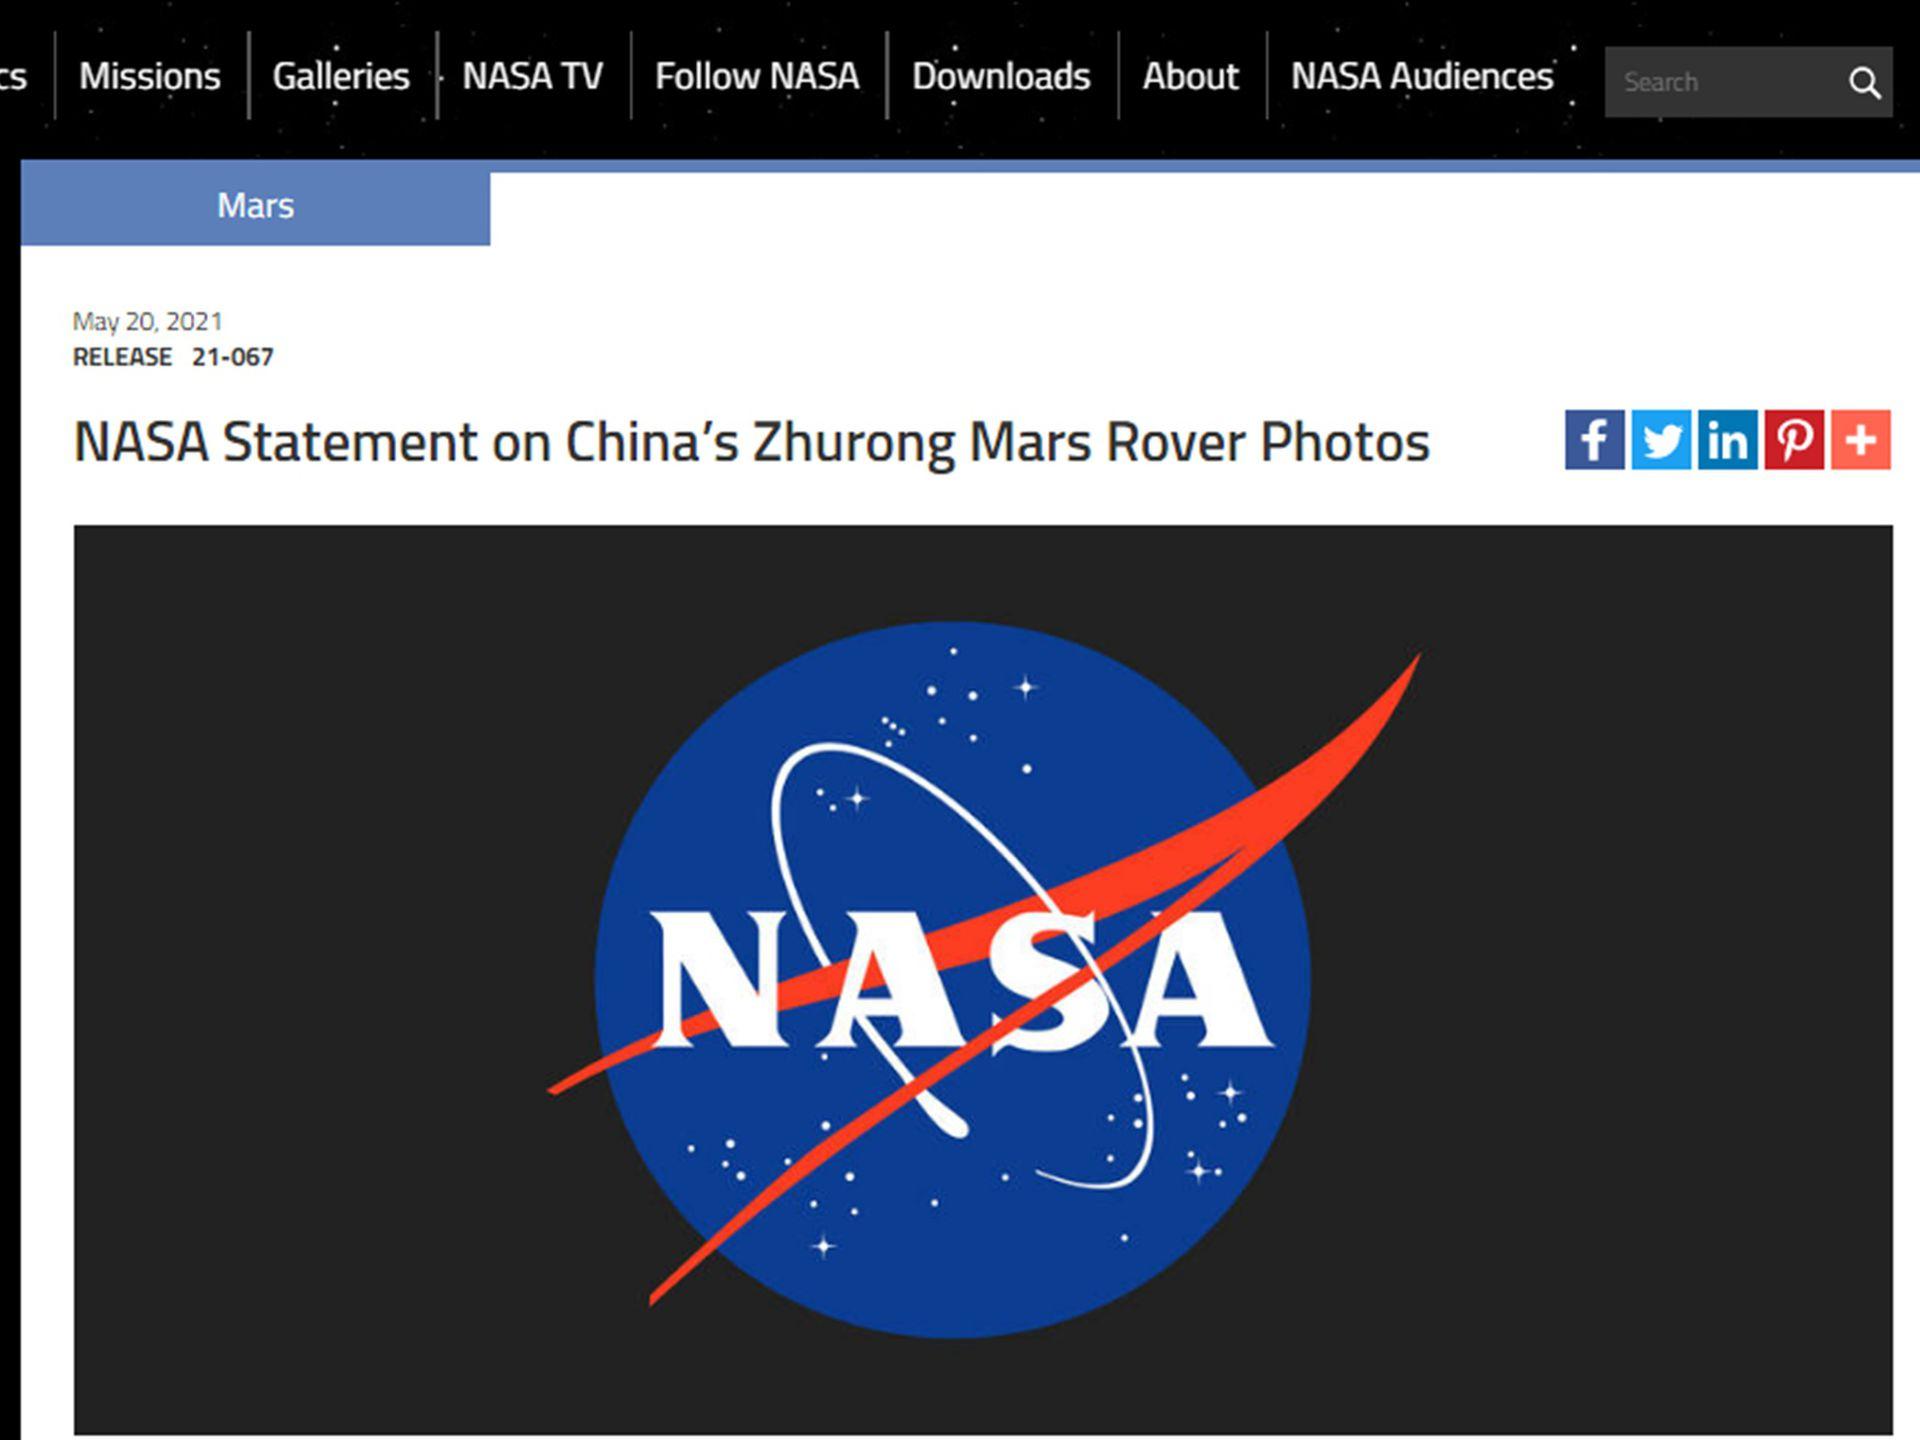 中国祝融号登陆火星为何4天后才传回照片 官方释疑